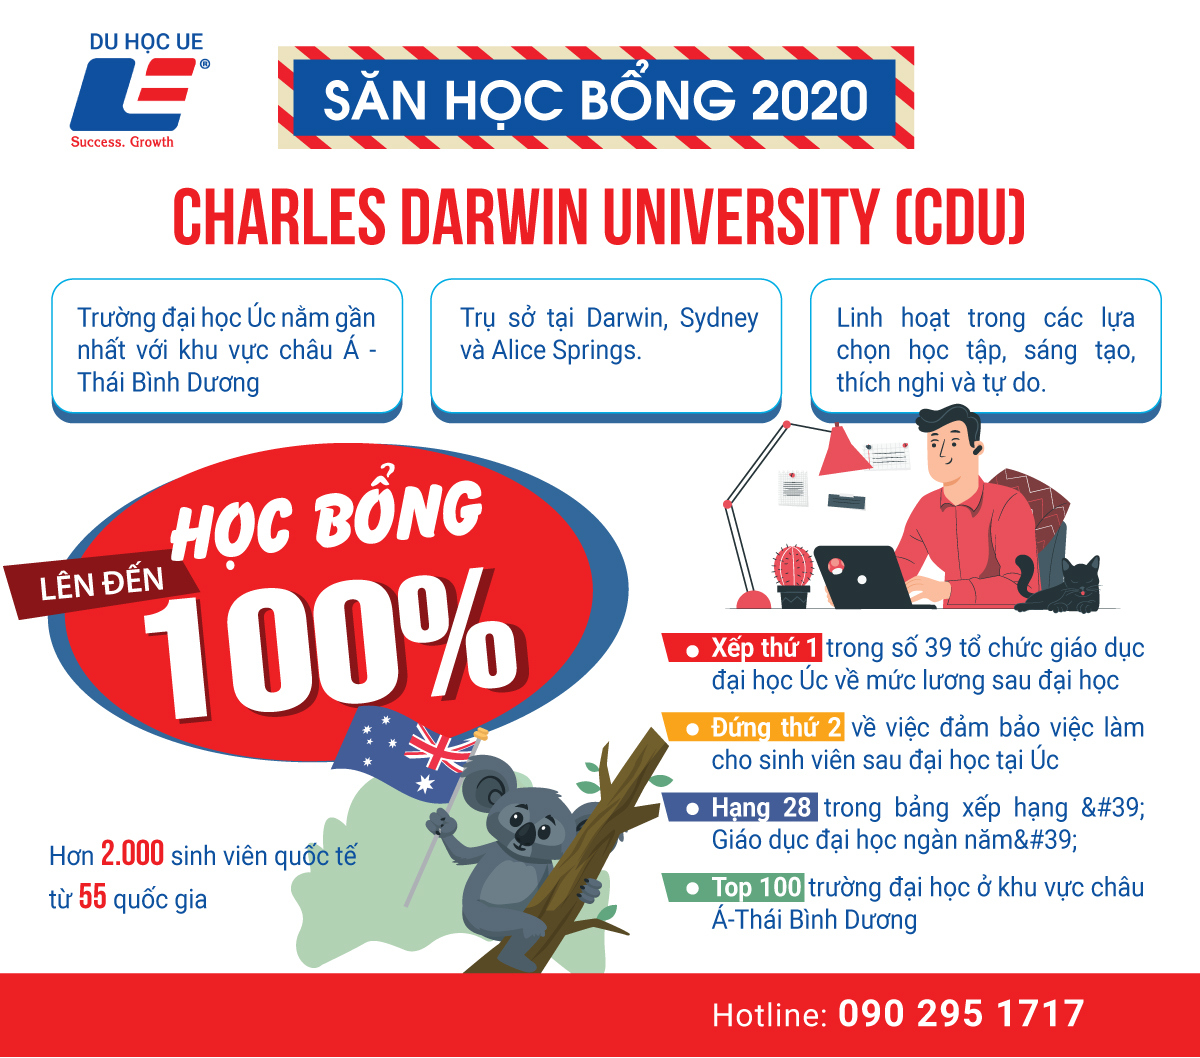 Thiên đường học bổng lên đến 100% dễ dàng tại Charlles Darwin University